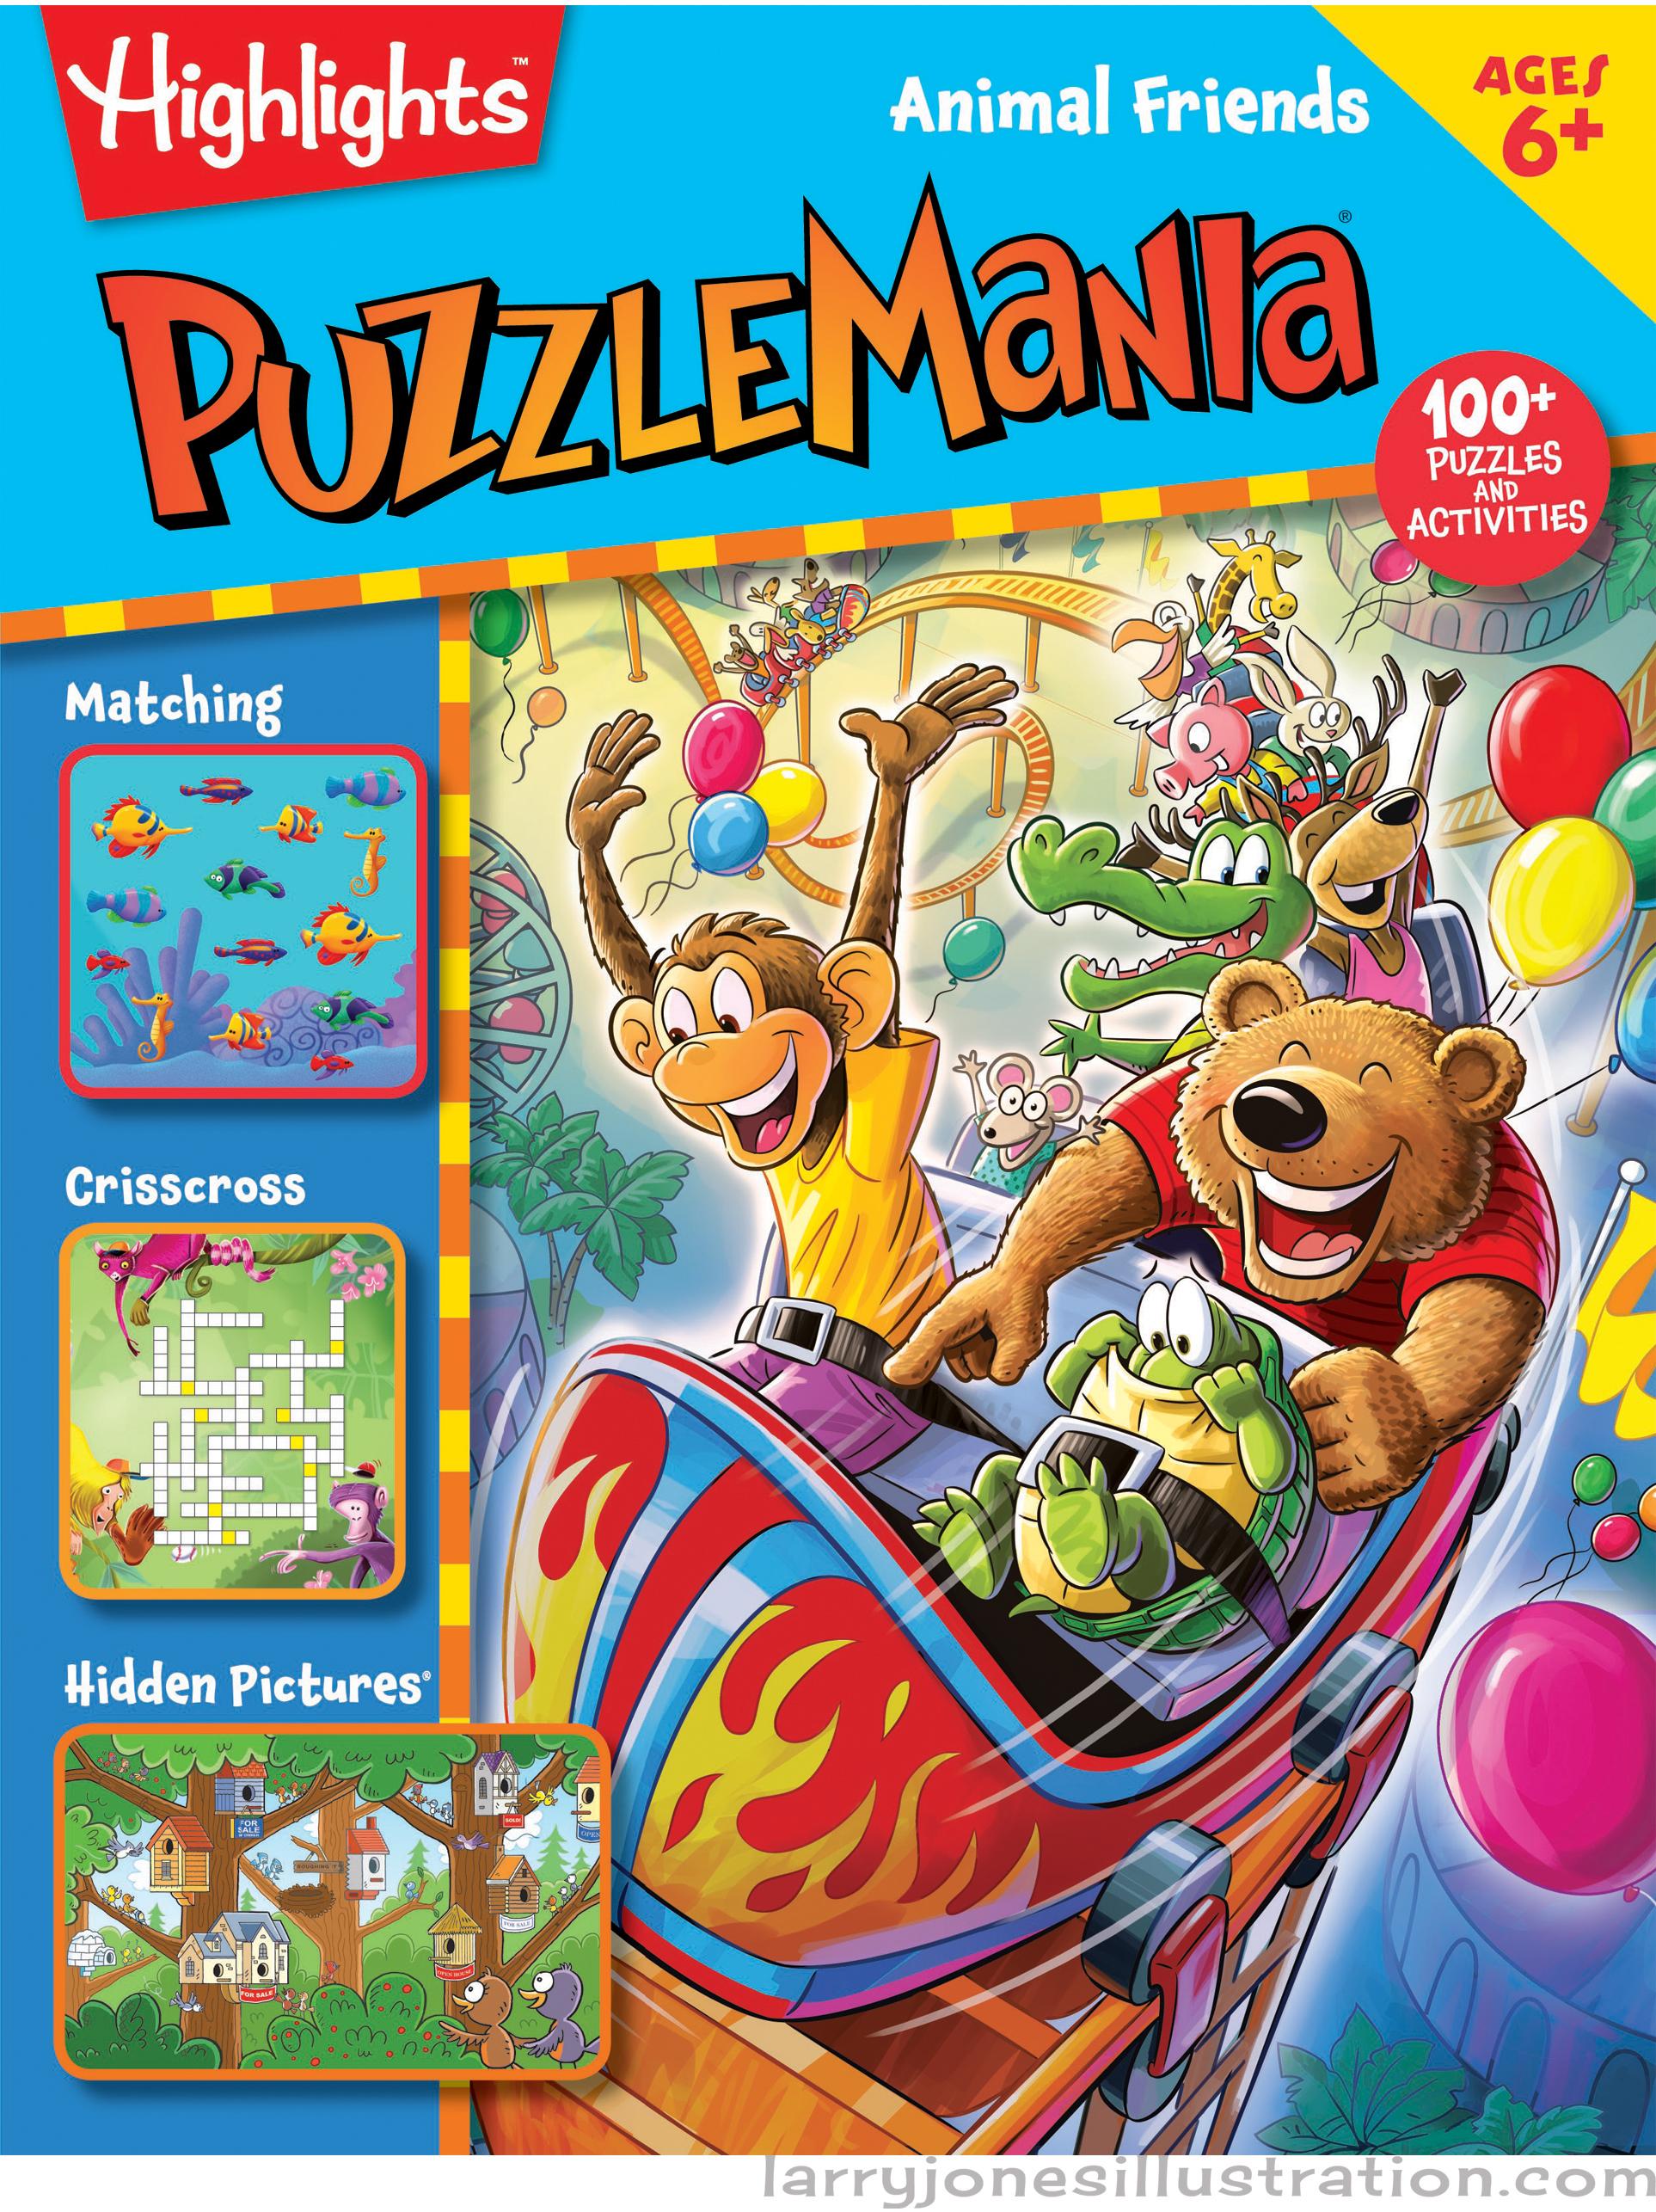 highlights-puzzlemania-illustration.jpg